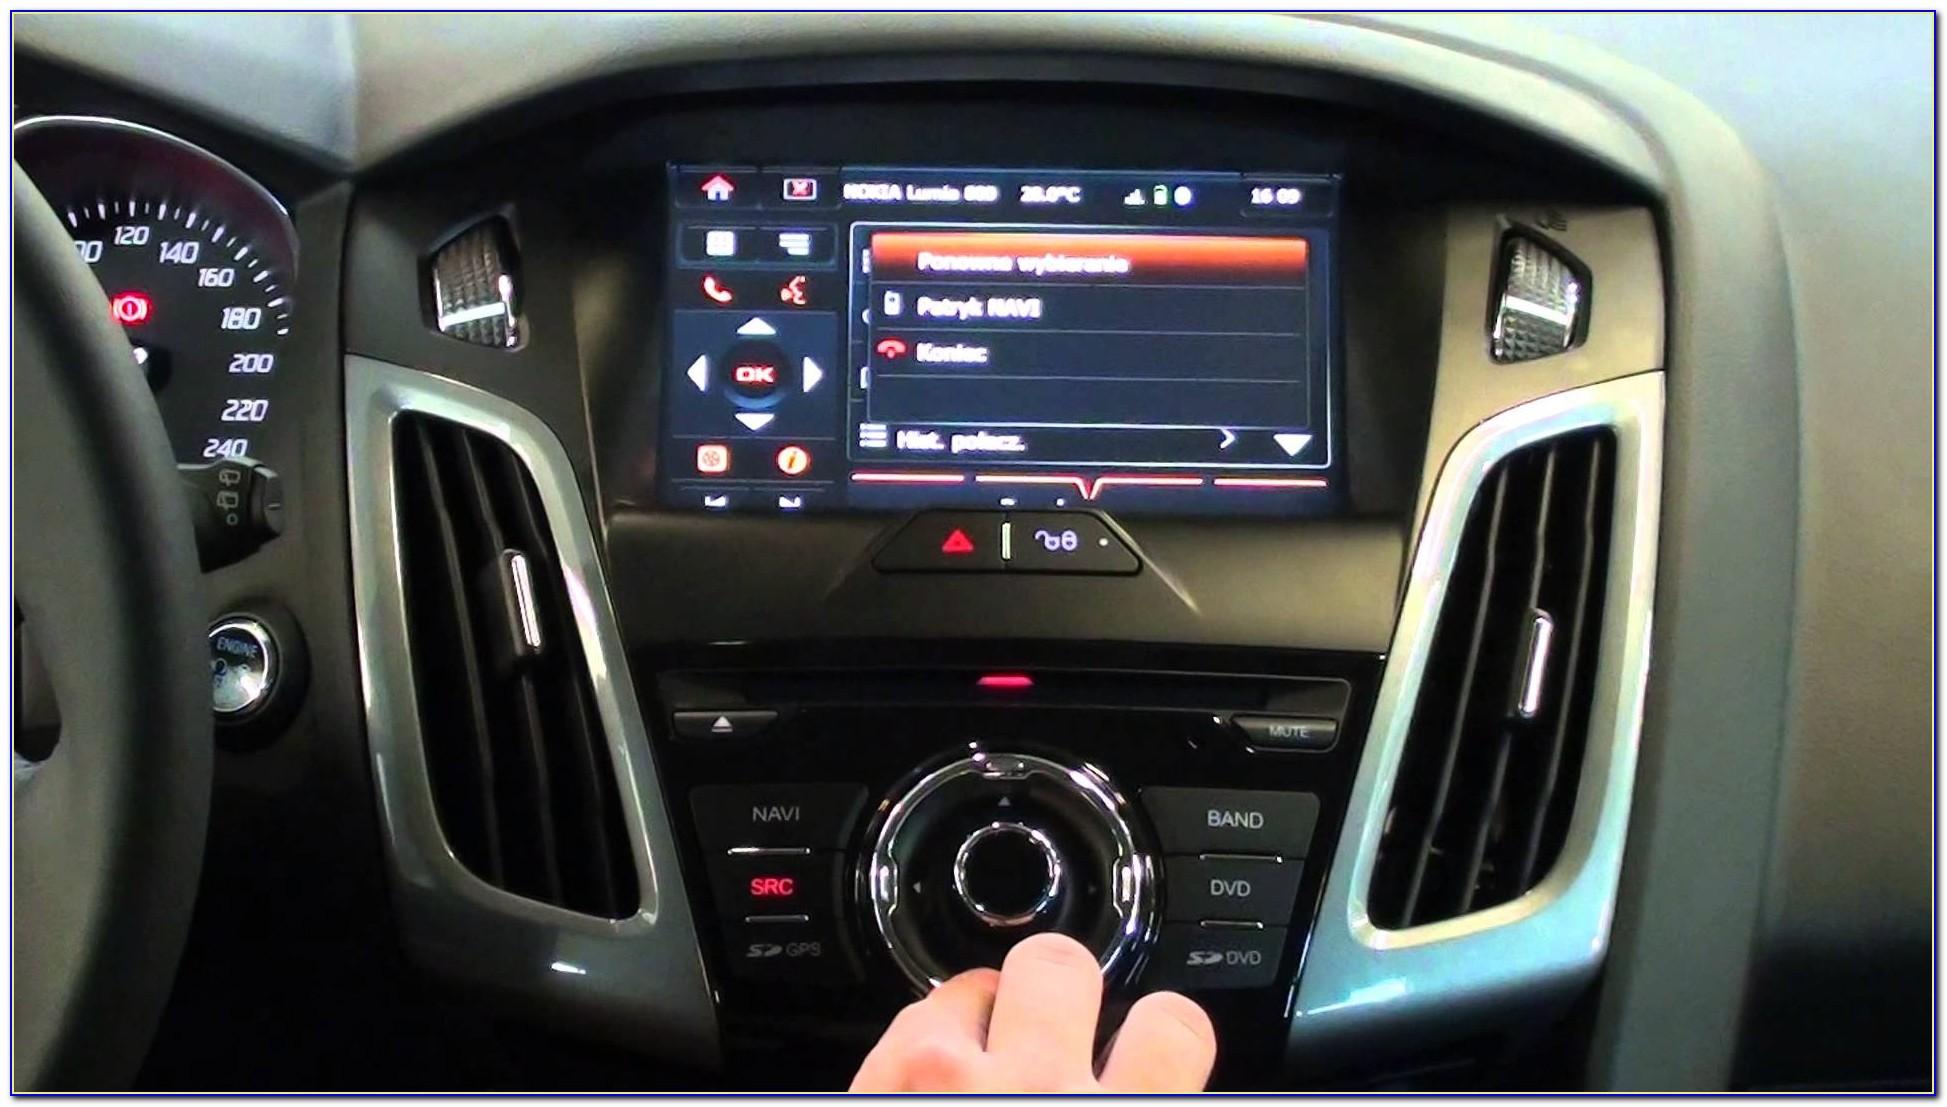 2018 Ford Navigation Update Beautiful Movingintoluminosity ? Page 203 ?